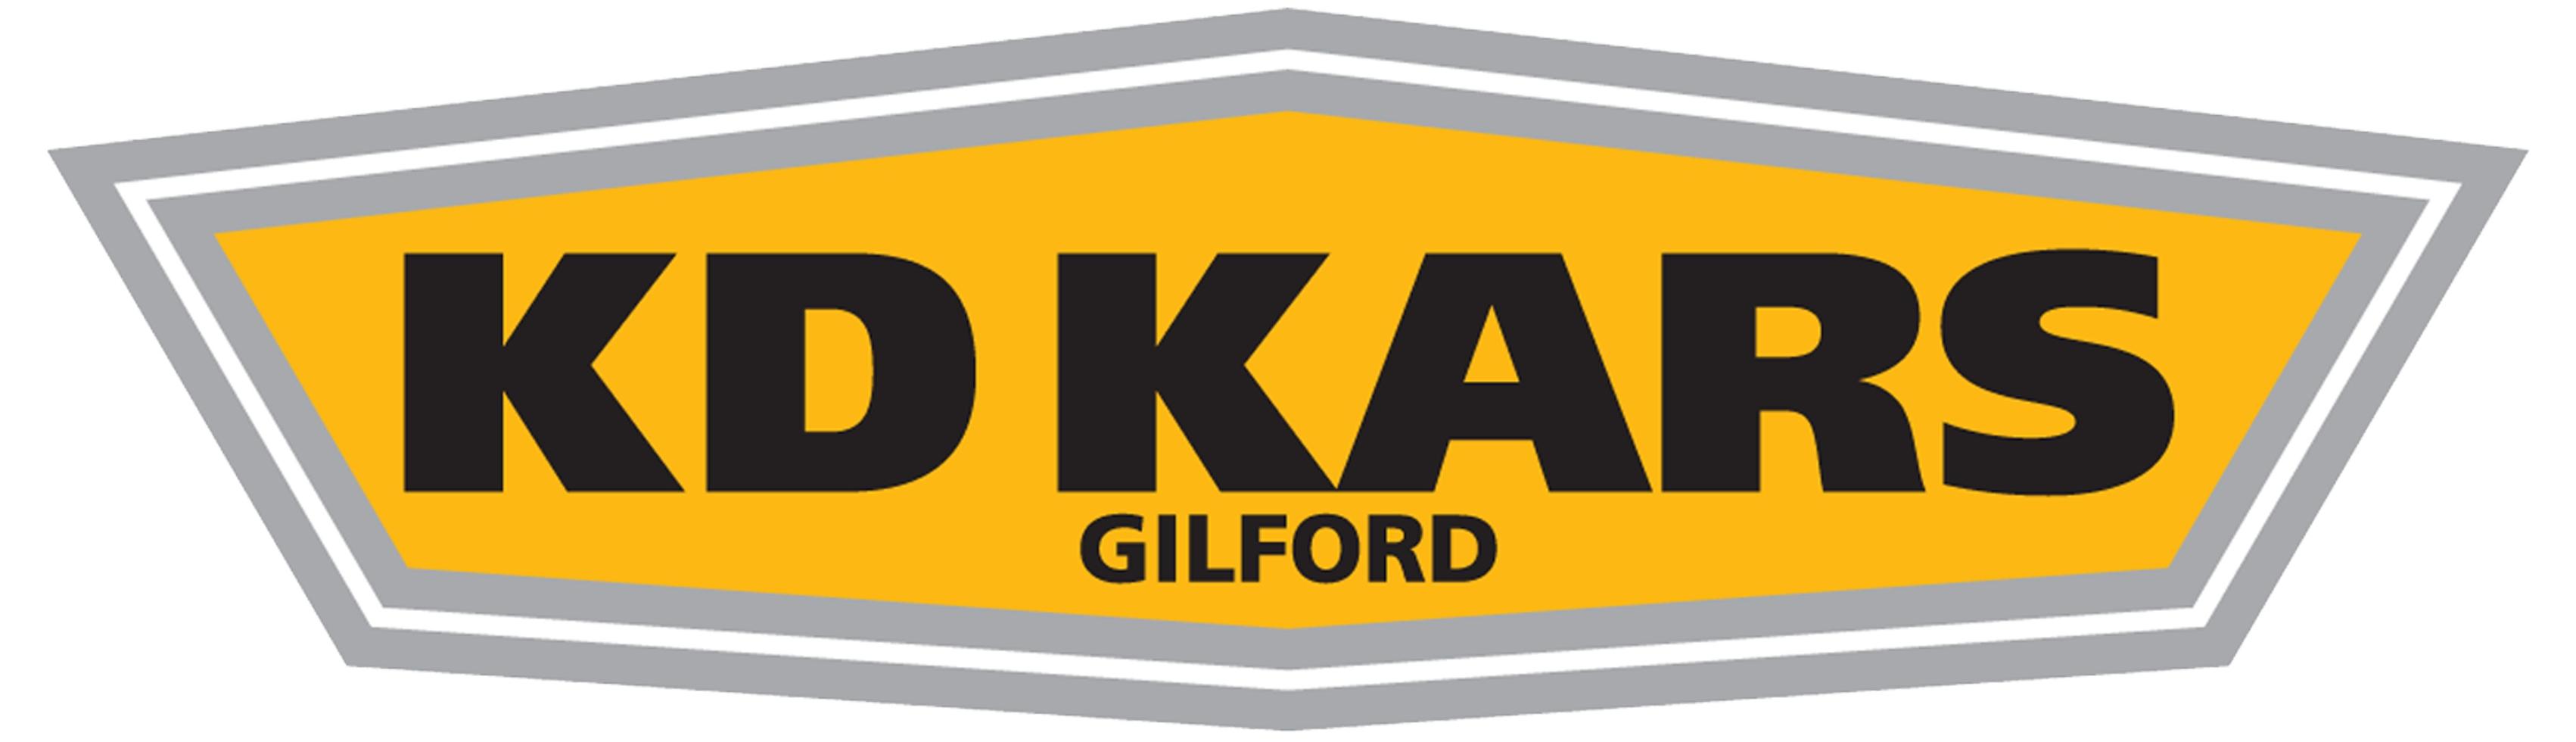 KD Kars Gilford, Gilford